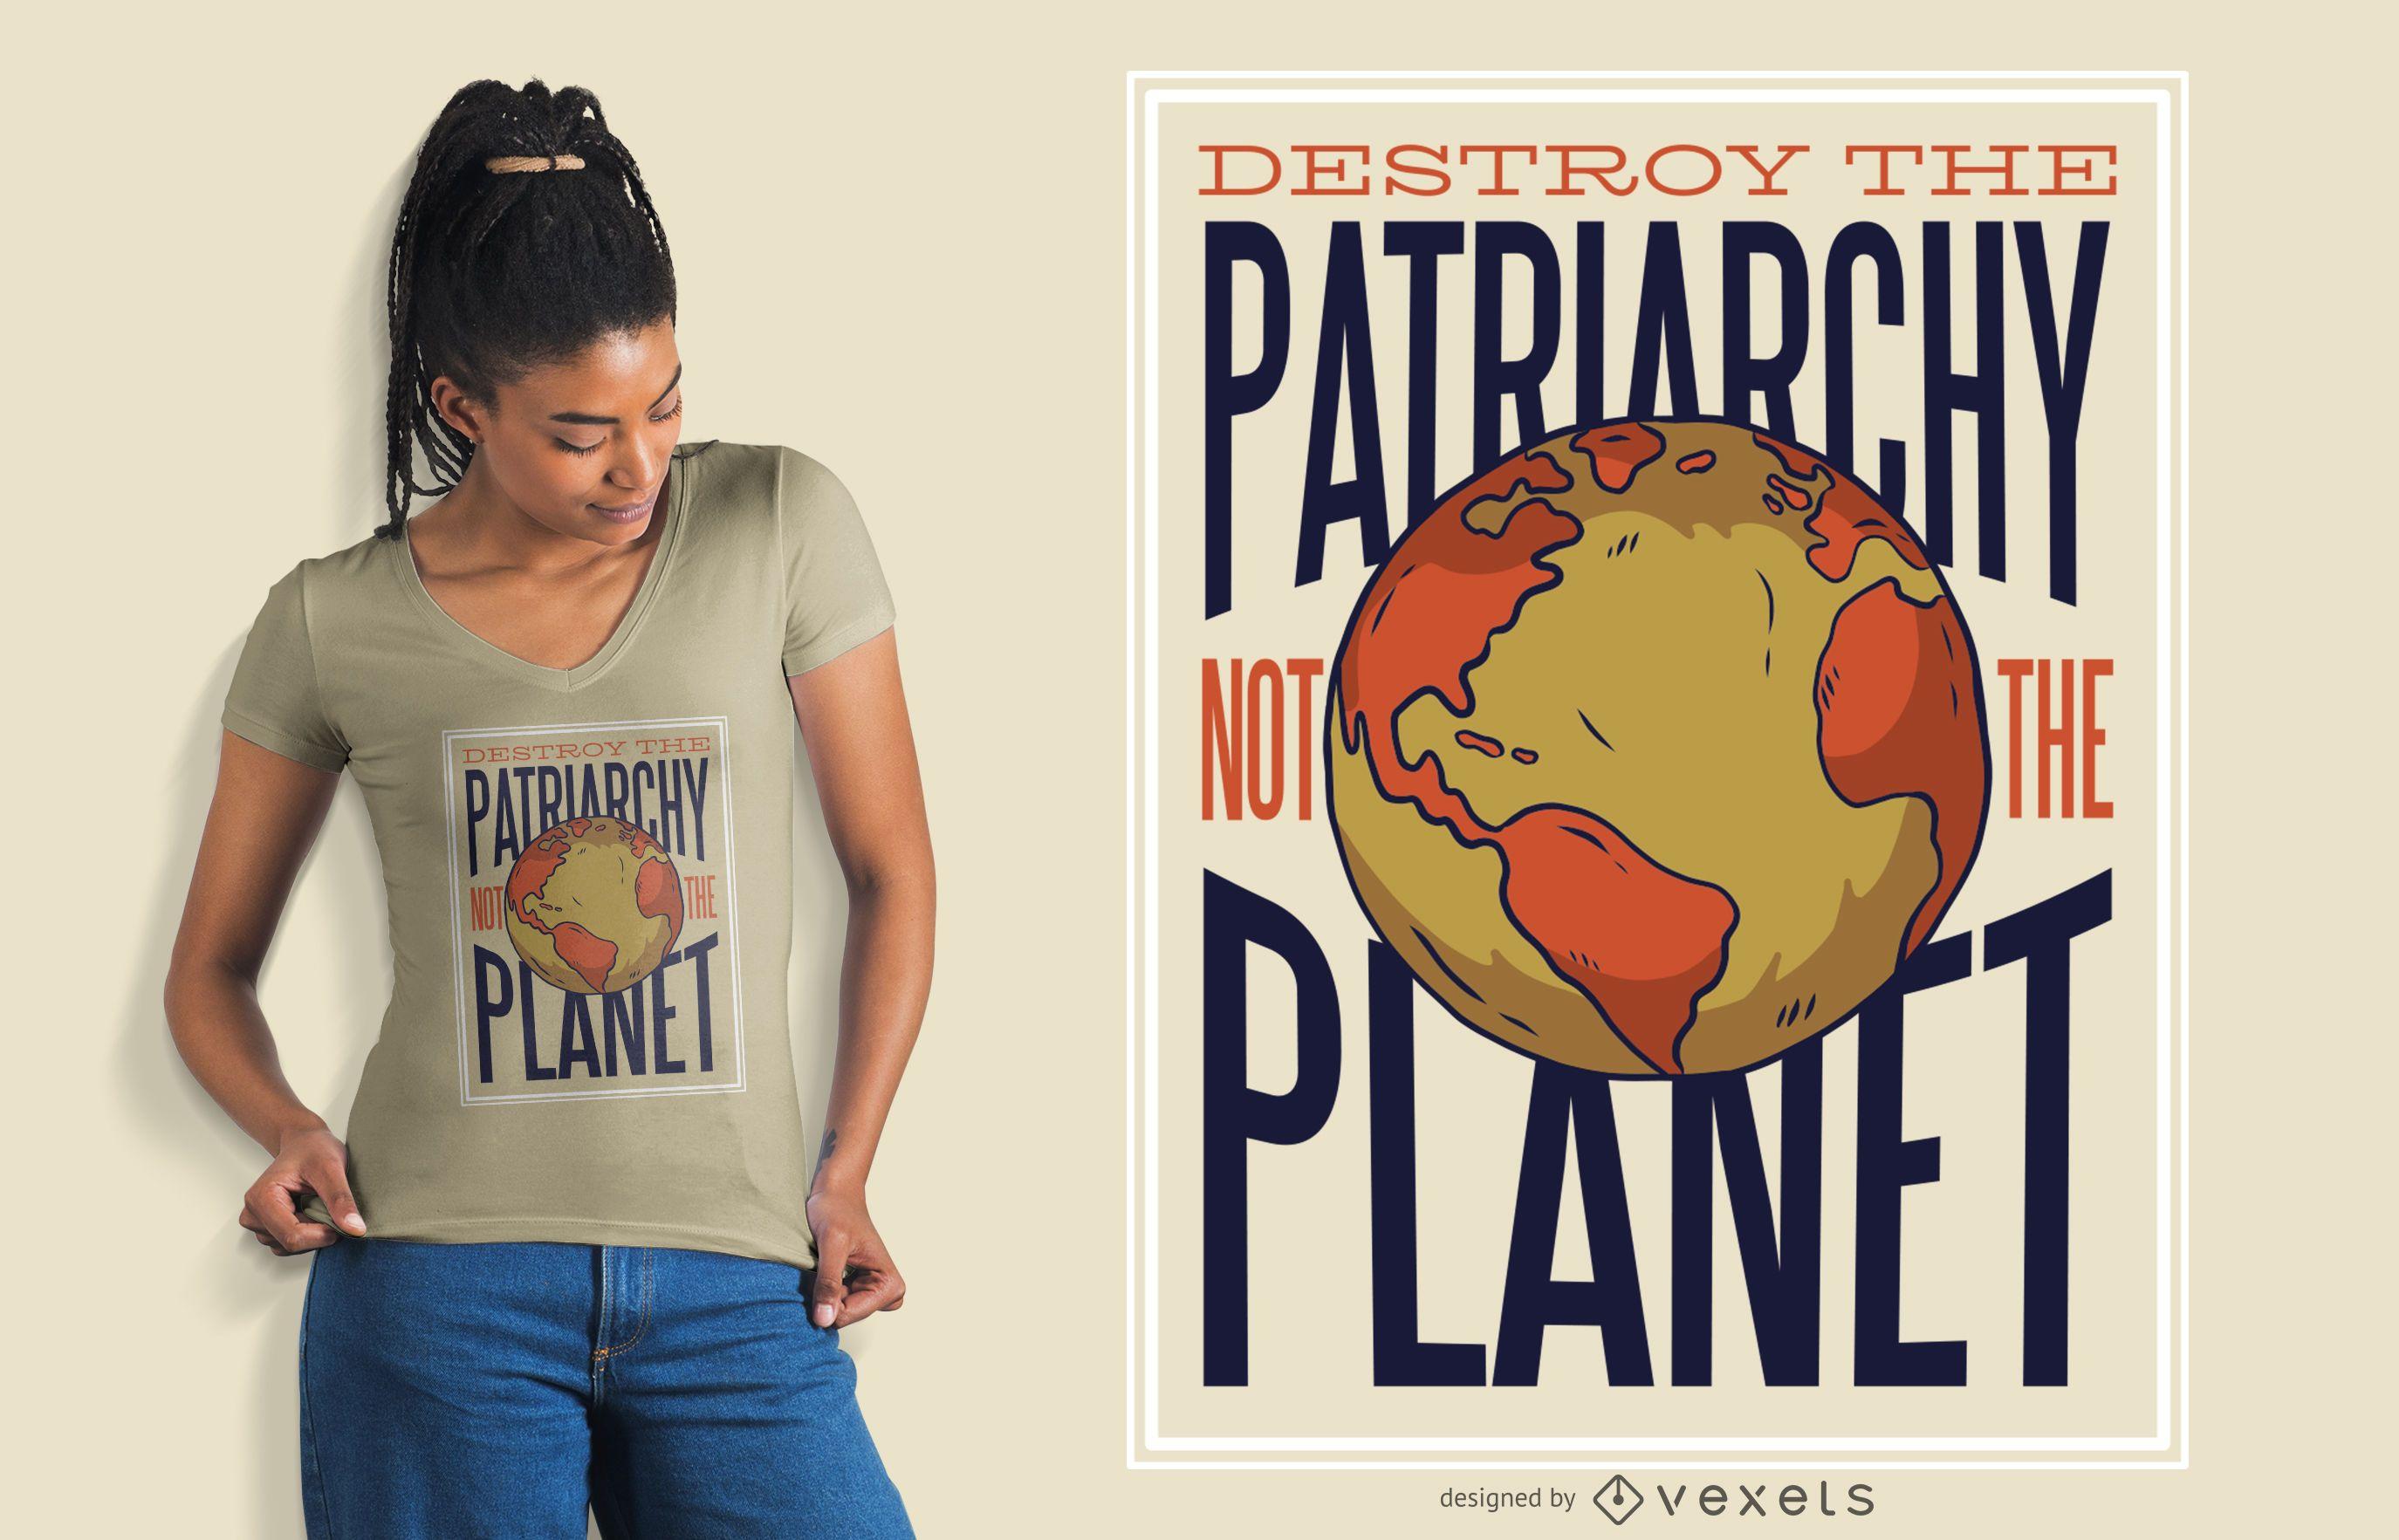 Dise?o de camiseta Feminist Planet